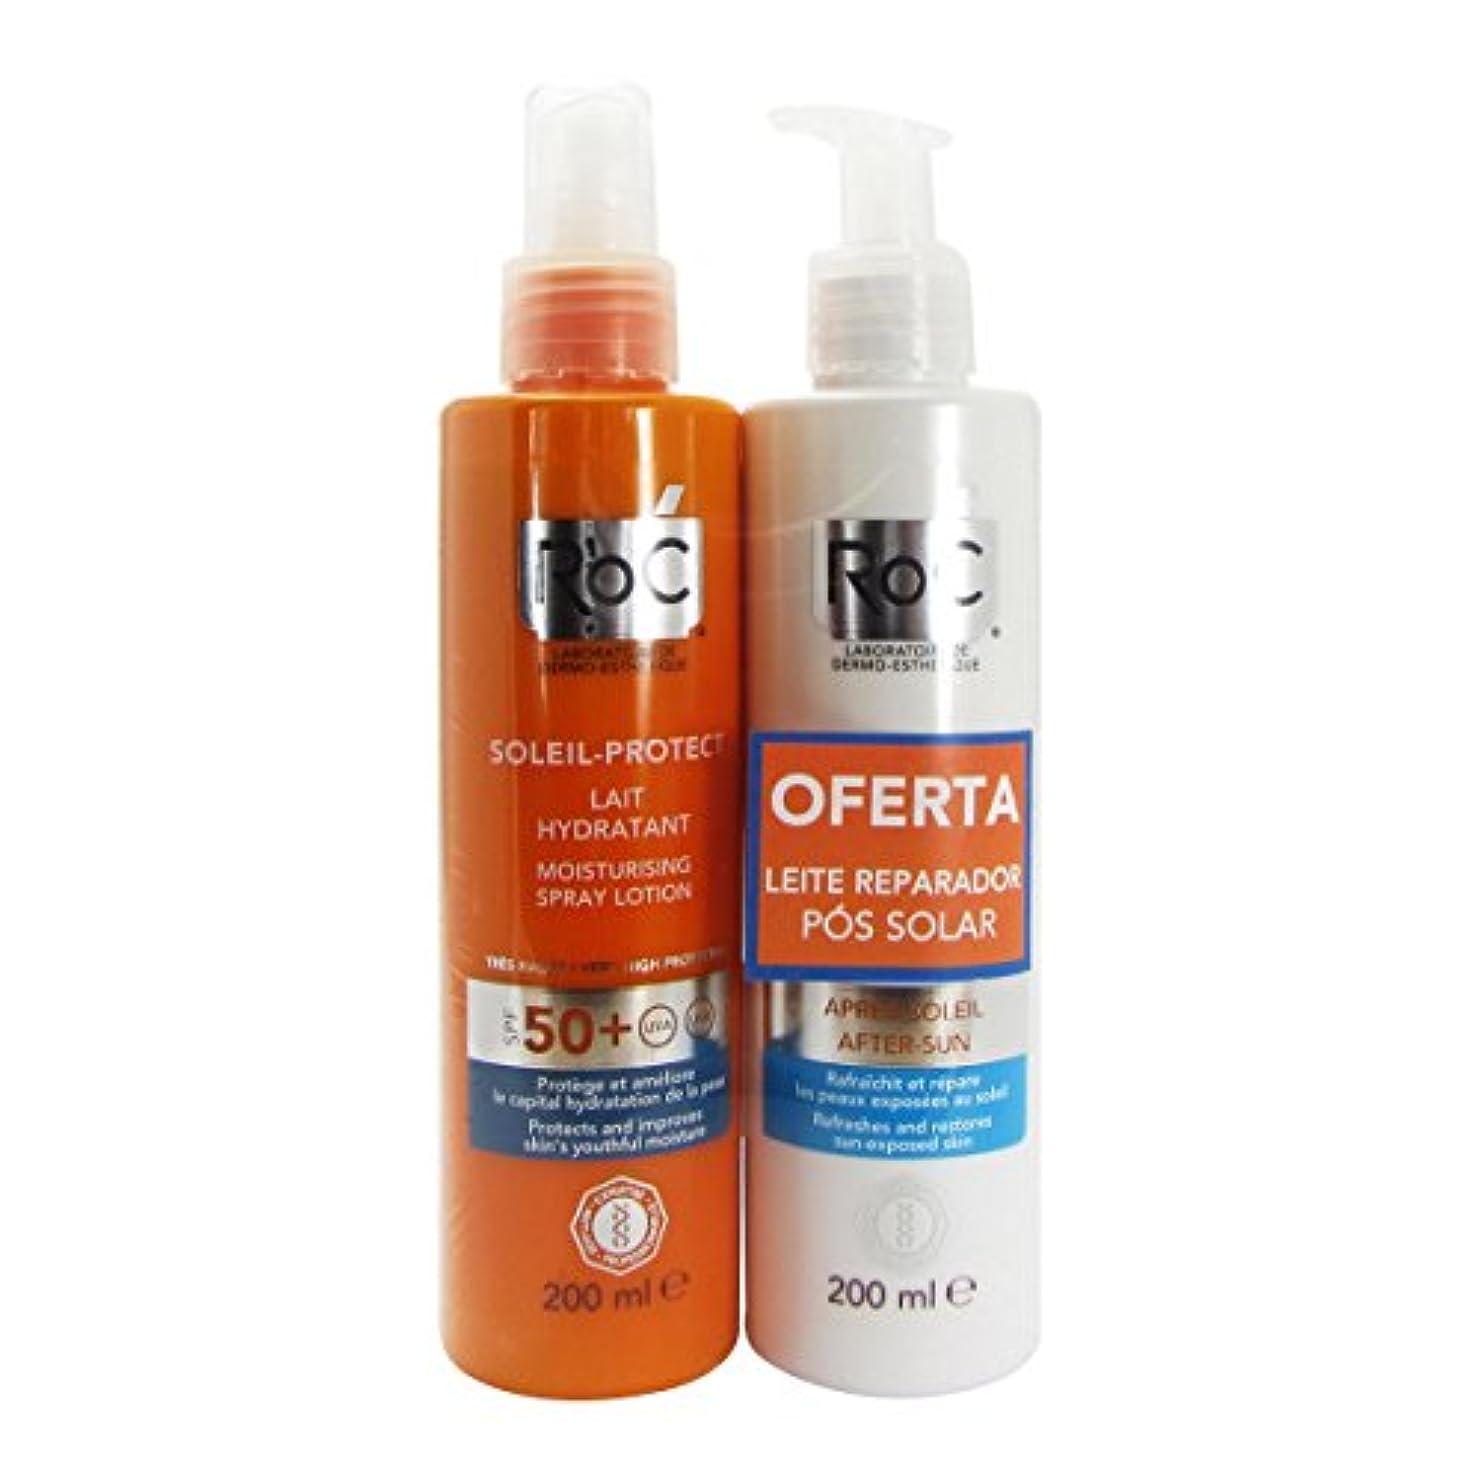 超える洪水オリエンタルRoc Pack Soleil Protect Hydrating Fluid Spf50 200ml + Refreshing Repair Fluid 200ml [並行輸入品]